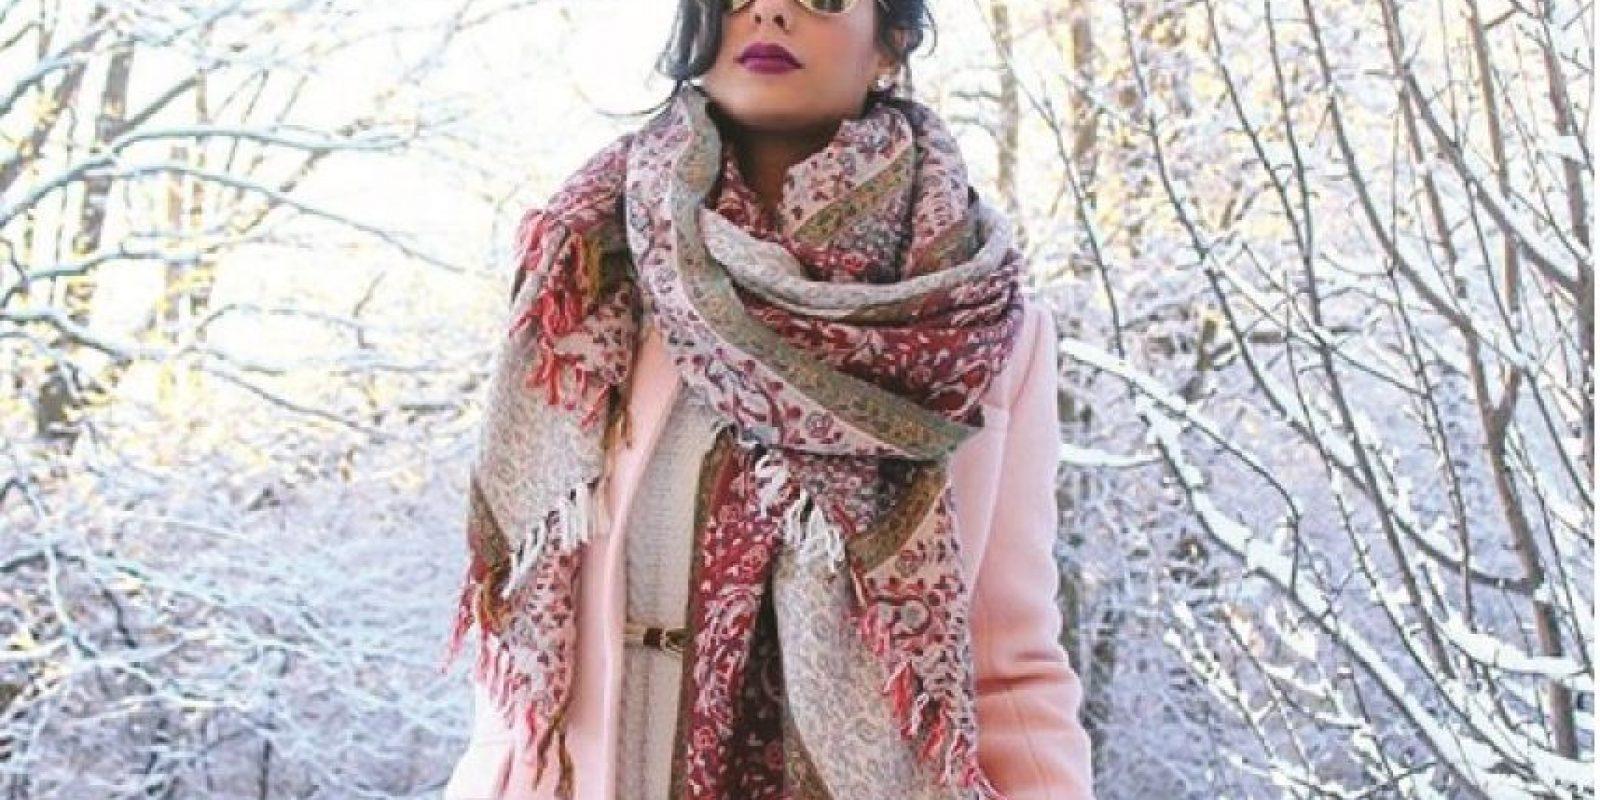 """Anam Shahid. Tiene 27 años y es creadora del portal """"The Style Menu"""". Se caracteriza por no usar el hijab y su estilo es más desenfadado y accesible para las iniciadas en el mundo de la moda que van más allá de una confesión religiosa. Tiene más de 24 mil seguidores en Instagram. Foto:Fuente Externa"""